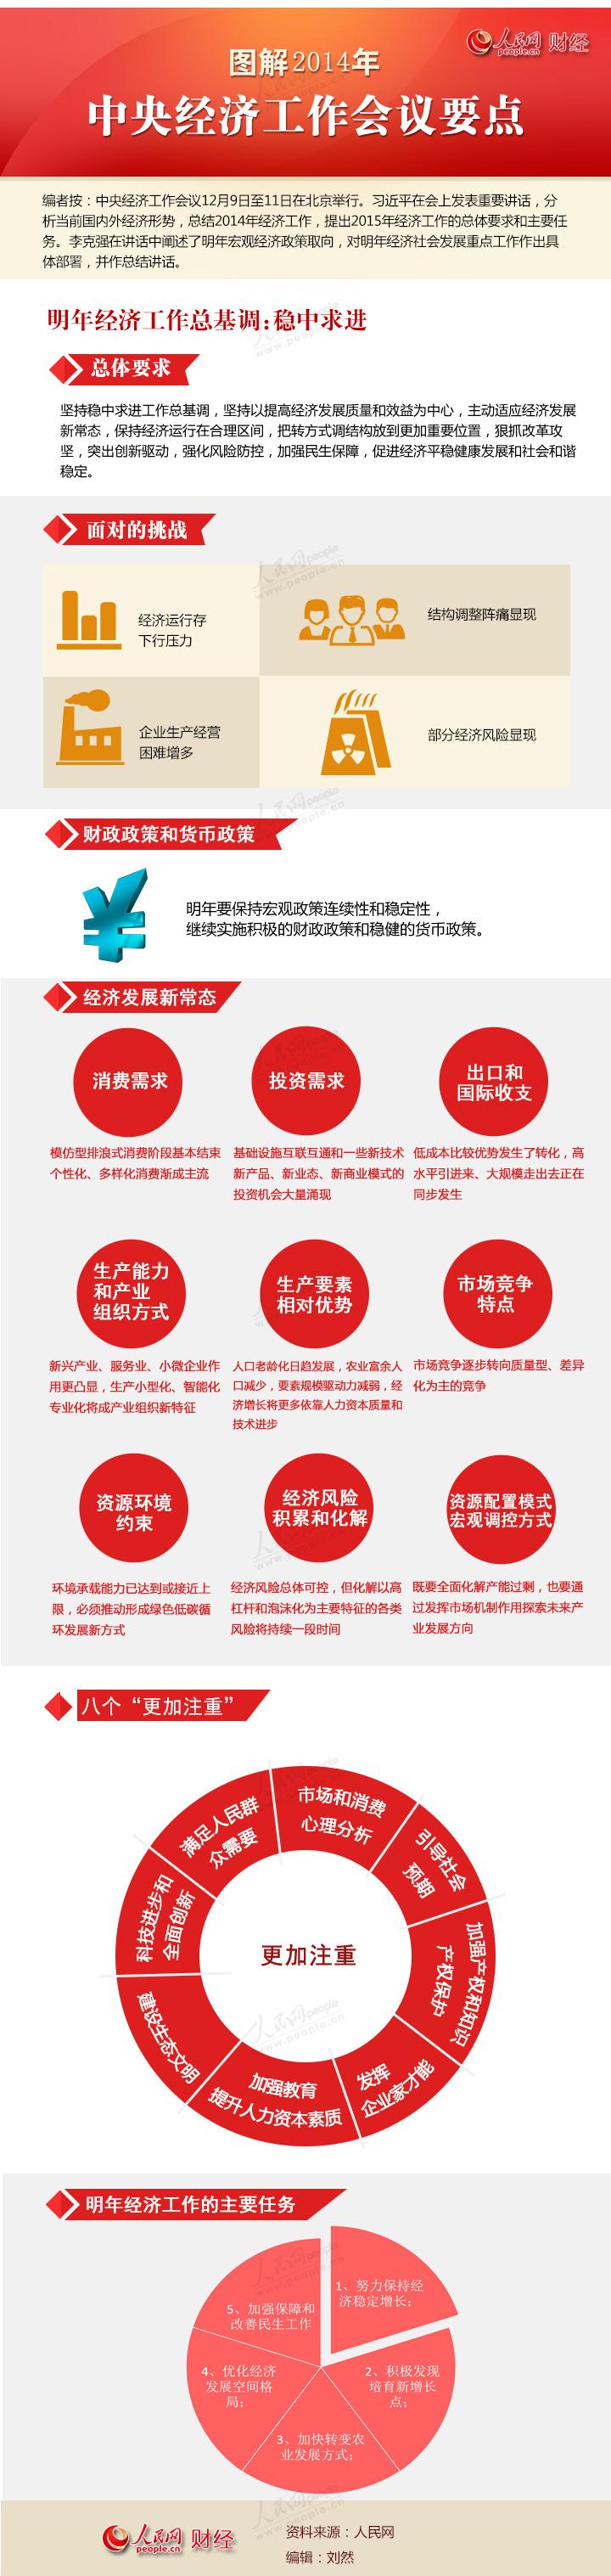 图解:2014年中央经济工作会议要点